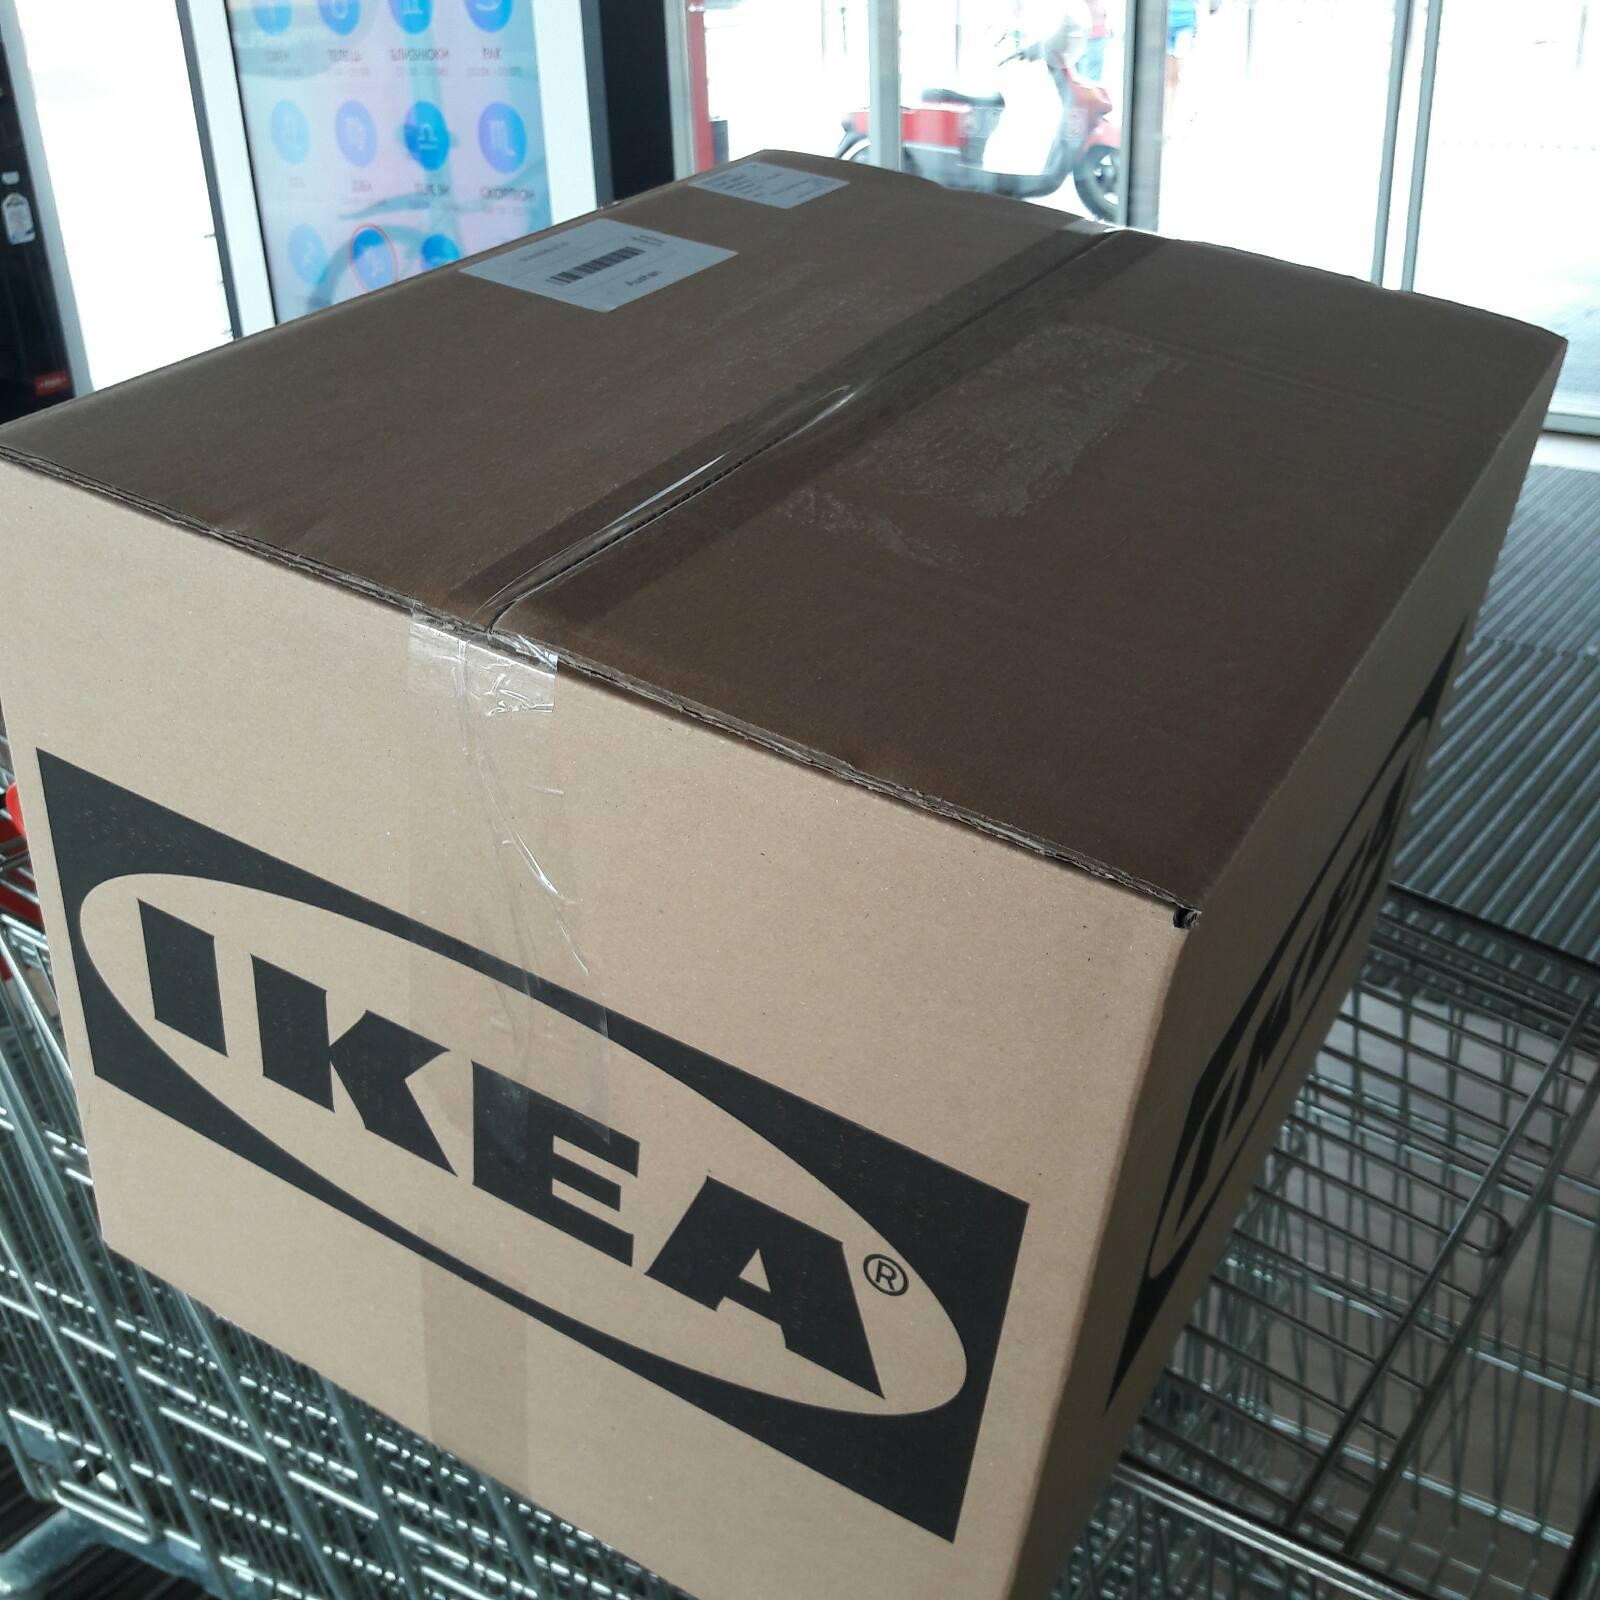 """Фото Забрати товар із IKEA й відправити Новою поштою.  """"Алла - дуже приємна, ввічлива і відповідальна людина. Оперативно забрала посилку і відправила Новою поштою. Все чудово. Рекомендую!""""  Ольга"""